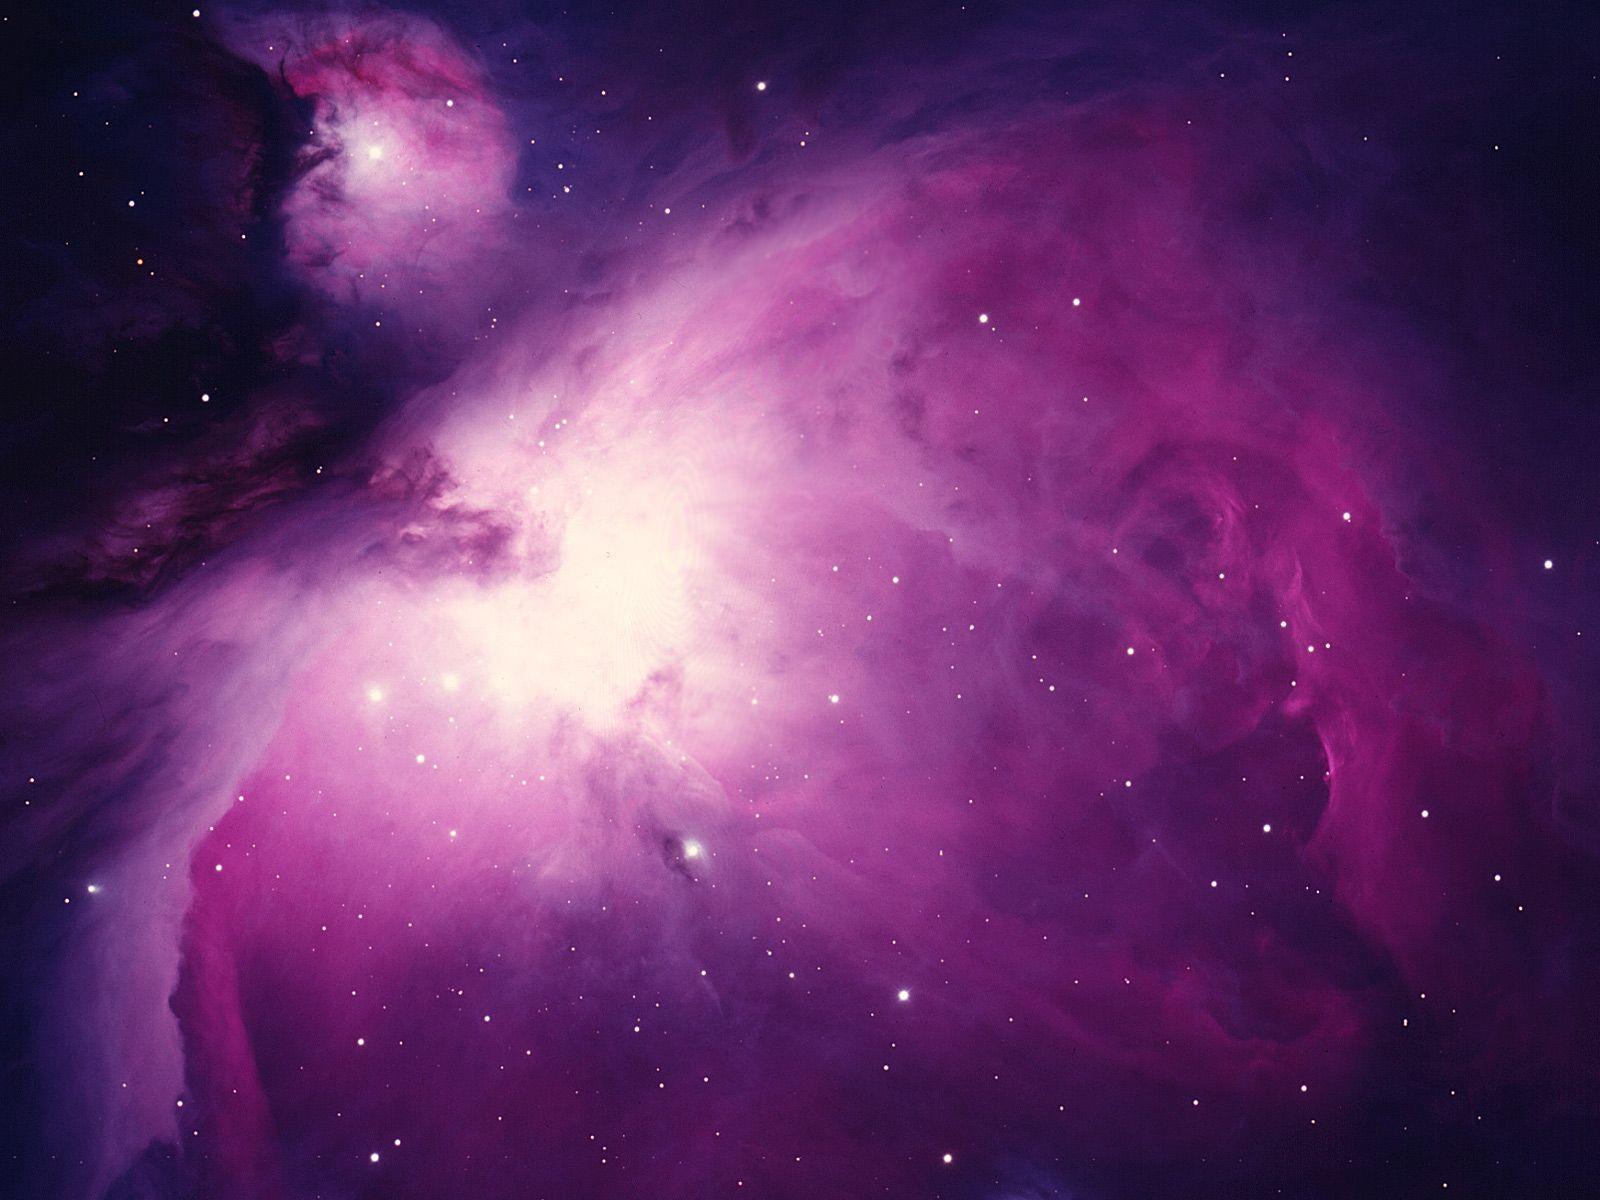 fiery nebula purple - photo #27